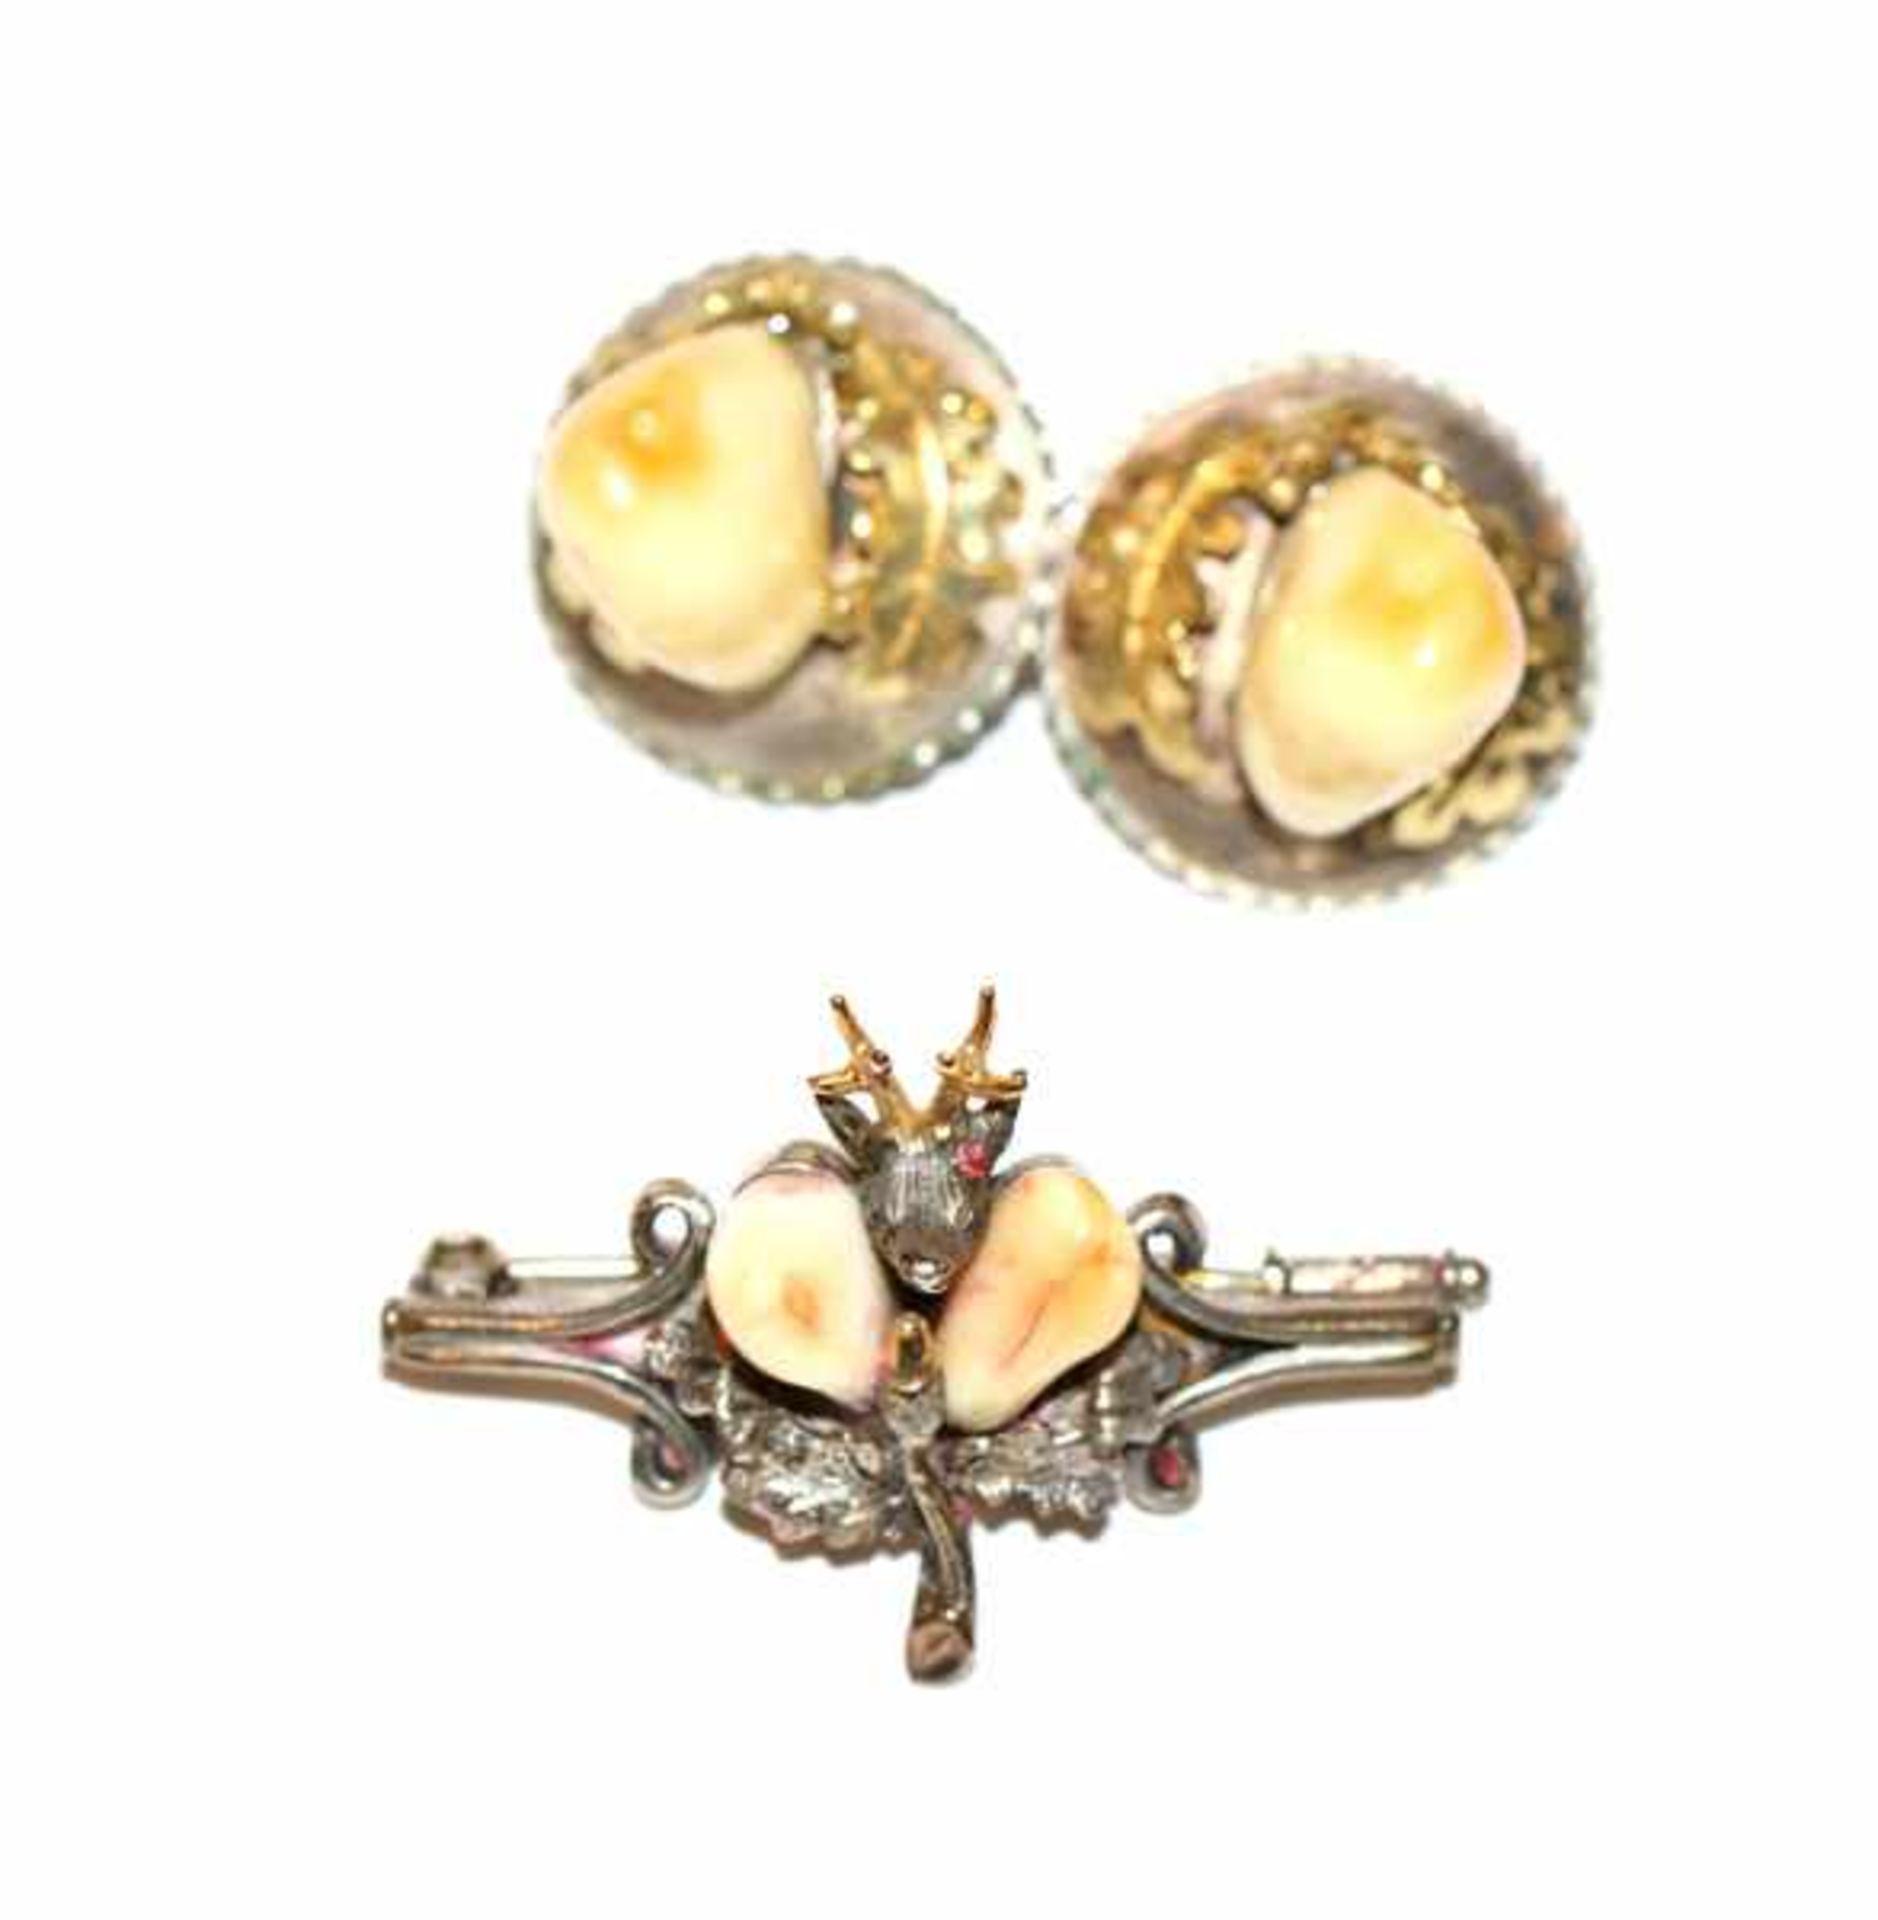 Los 88 - Paar Silber/teils vergoldete Ohrclips mit Grandeln und Silber Brosche mit plastischem Rehkopf und